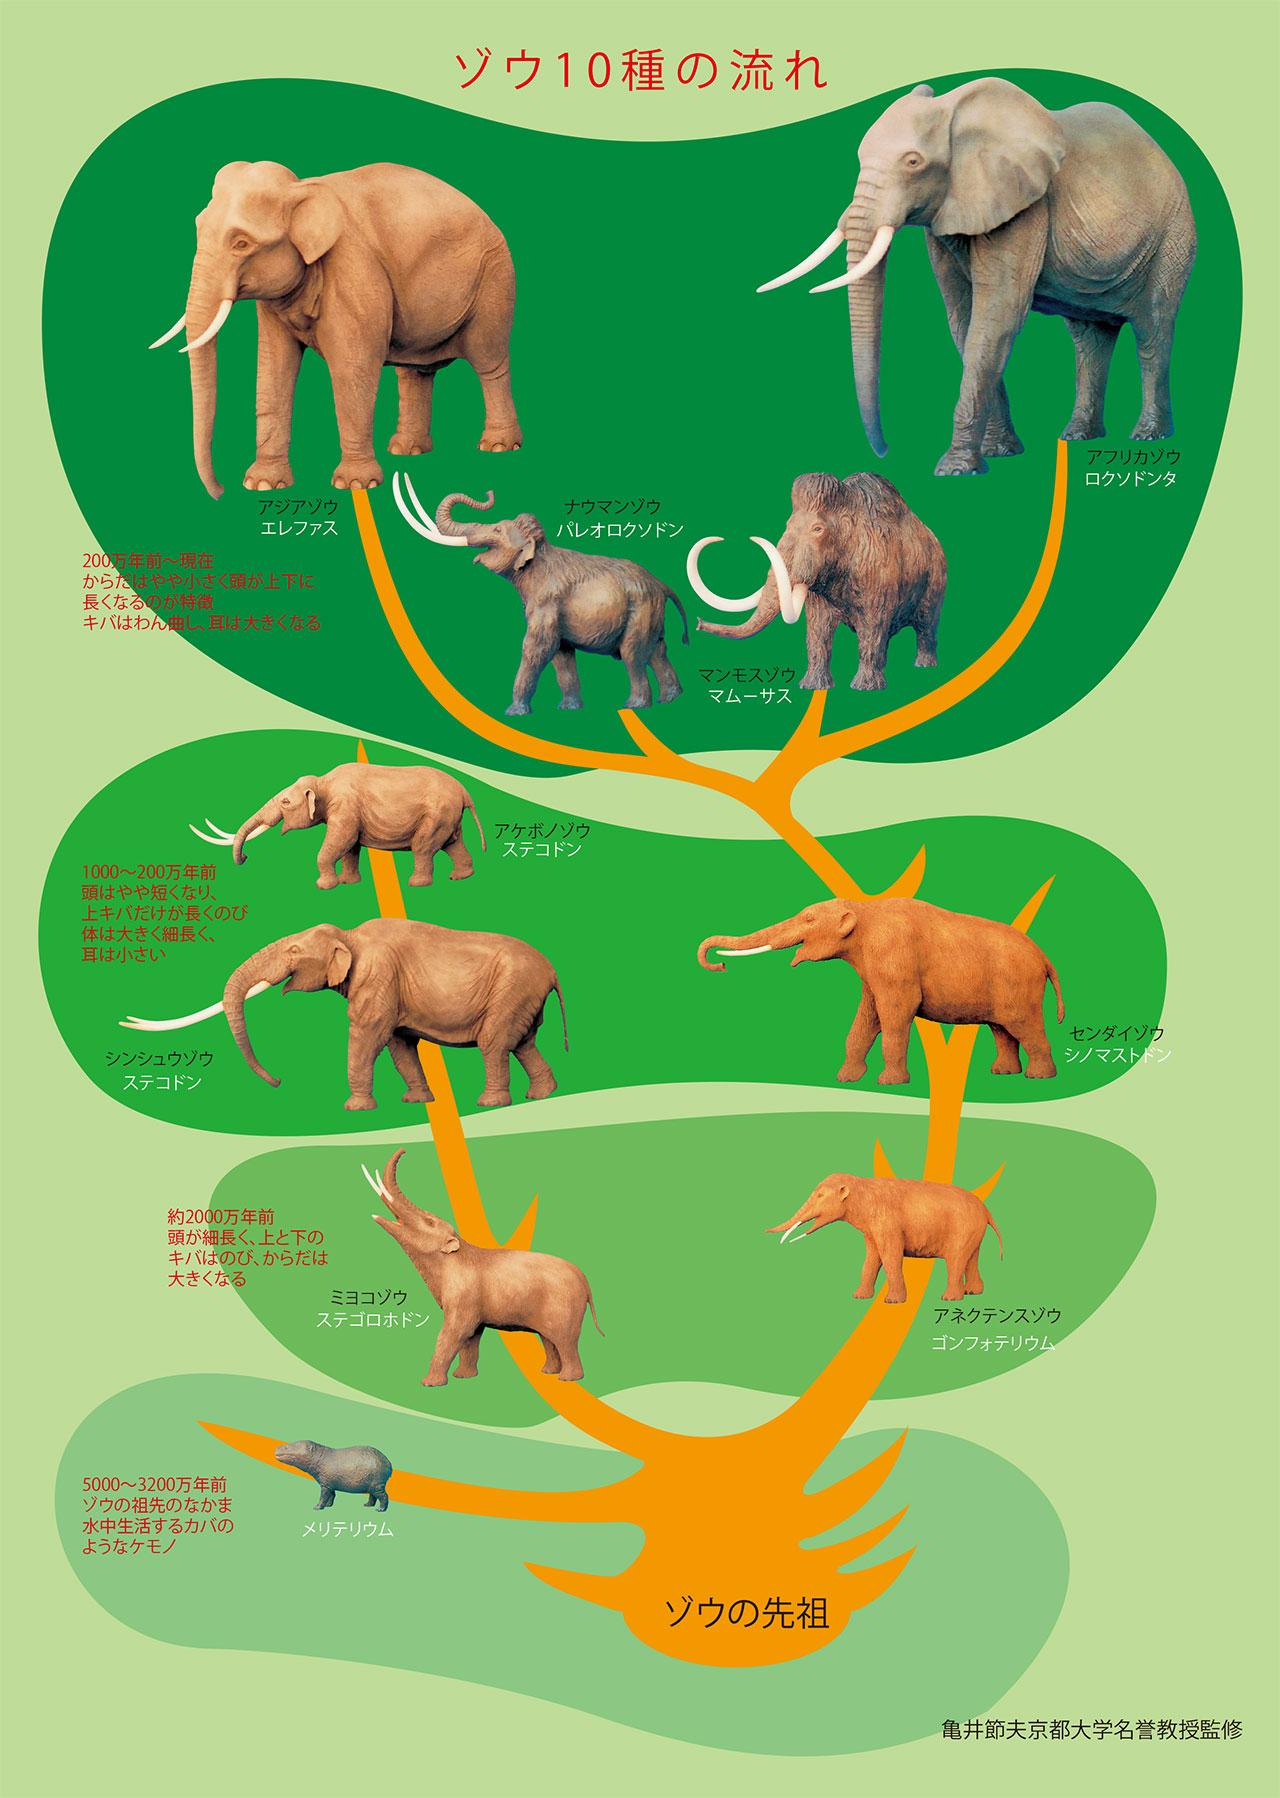 ゾウ10種の流れ